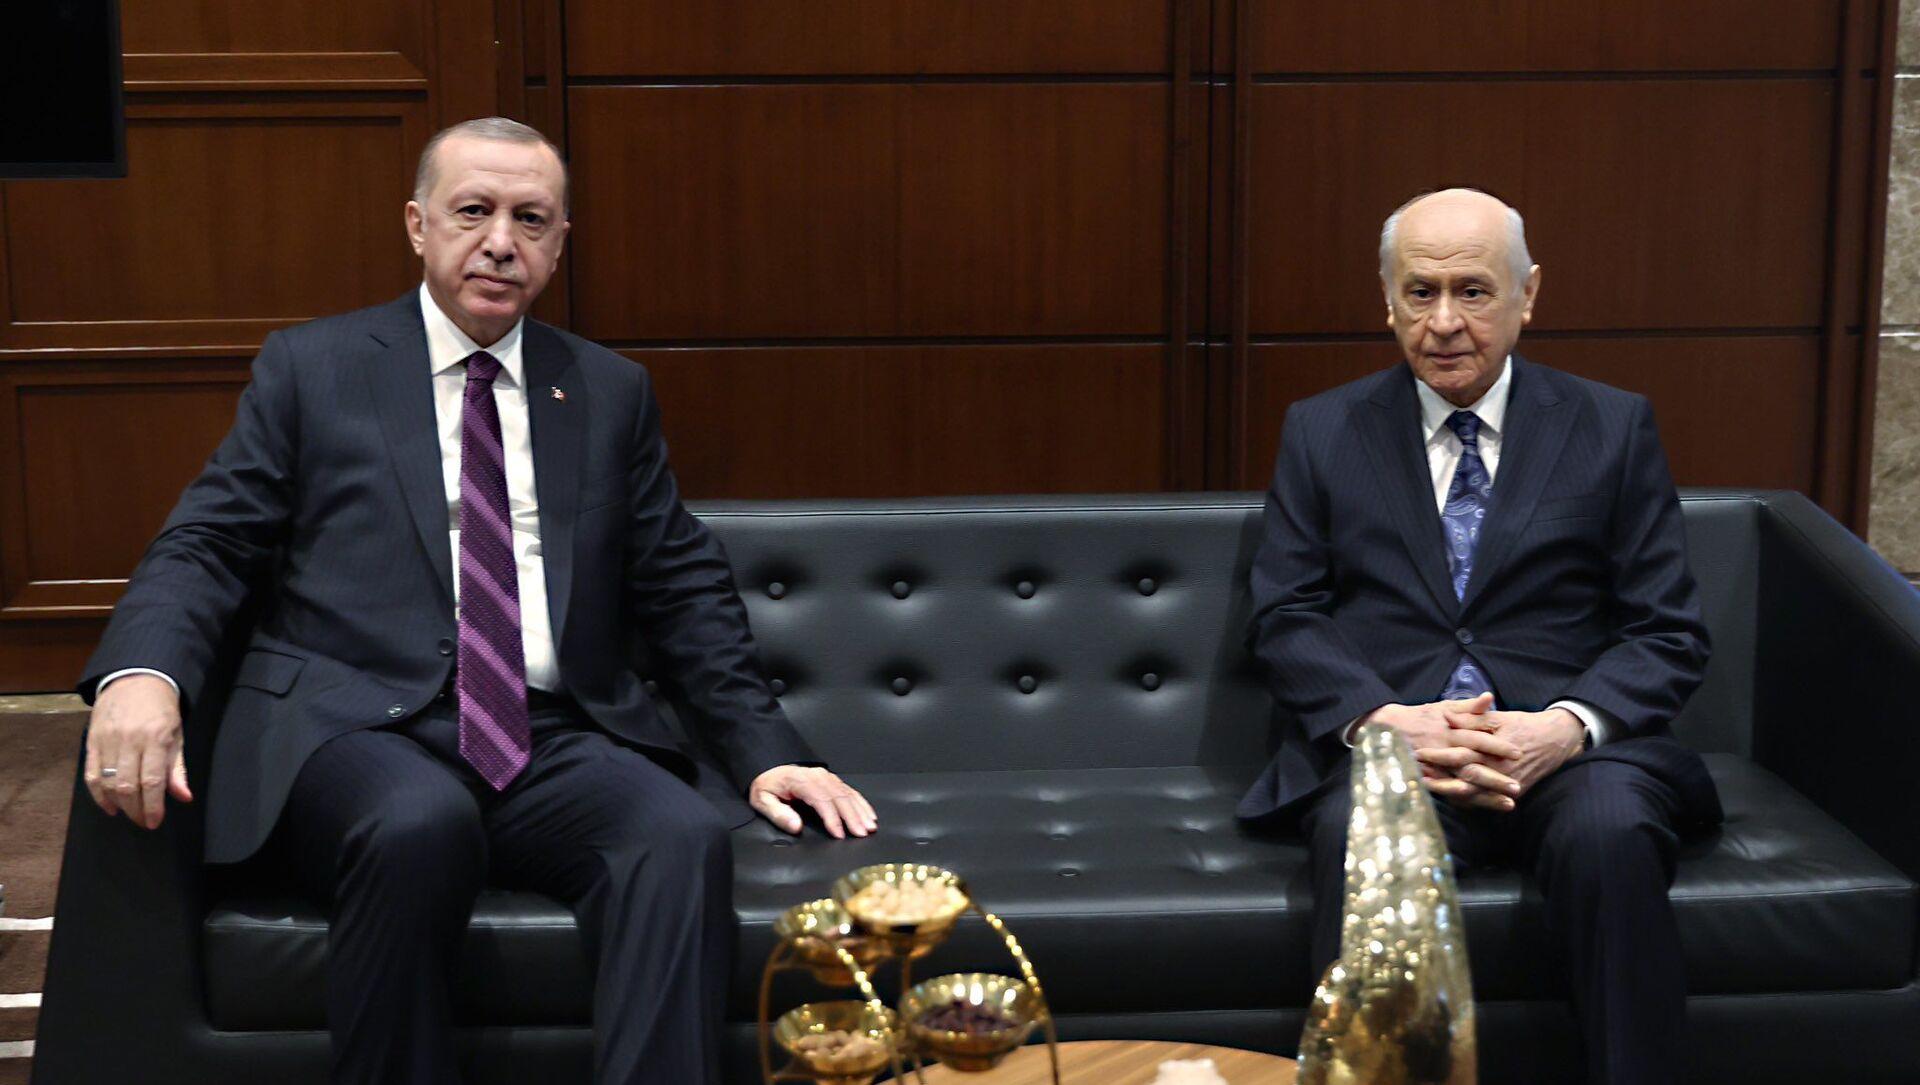 Cumhurbaşkanı Erdoğan, MHP lideri Bahçeli ile görüştü - Sputnik Türkiye, 1920, 26.07.2021